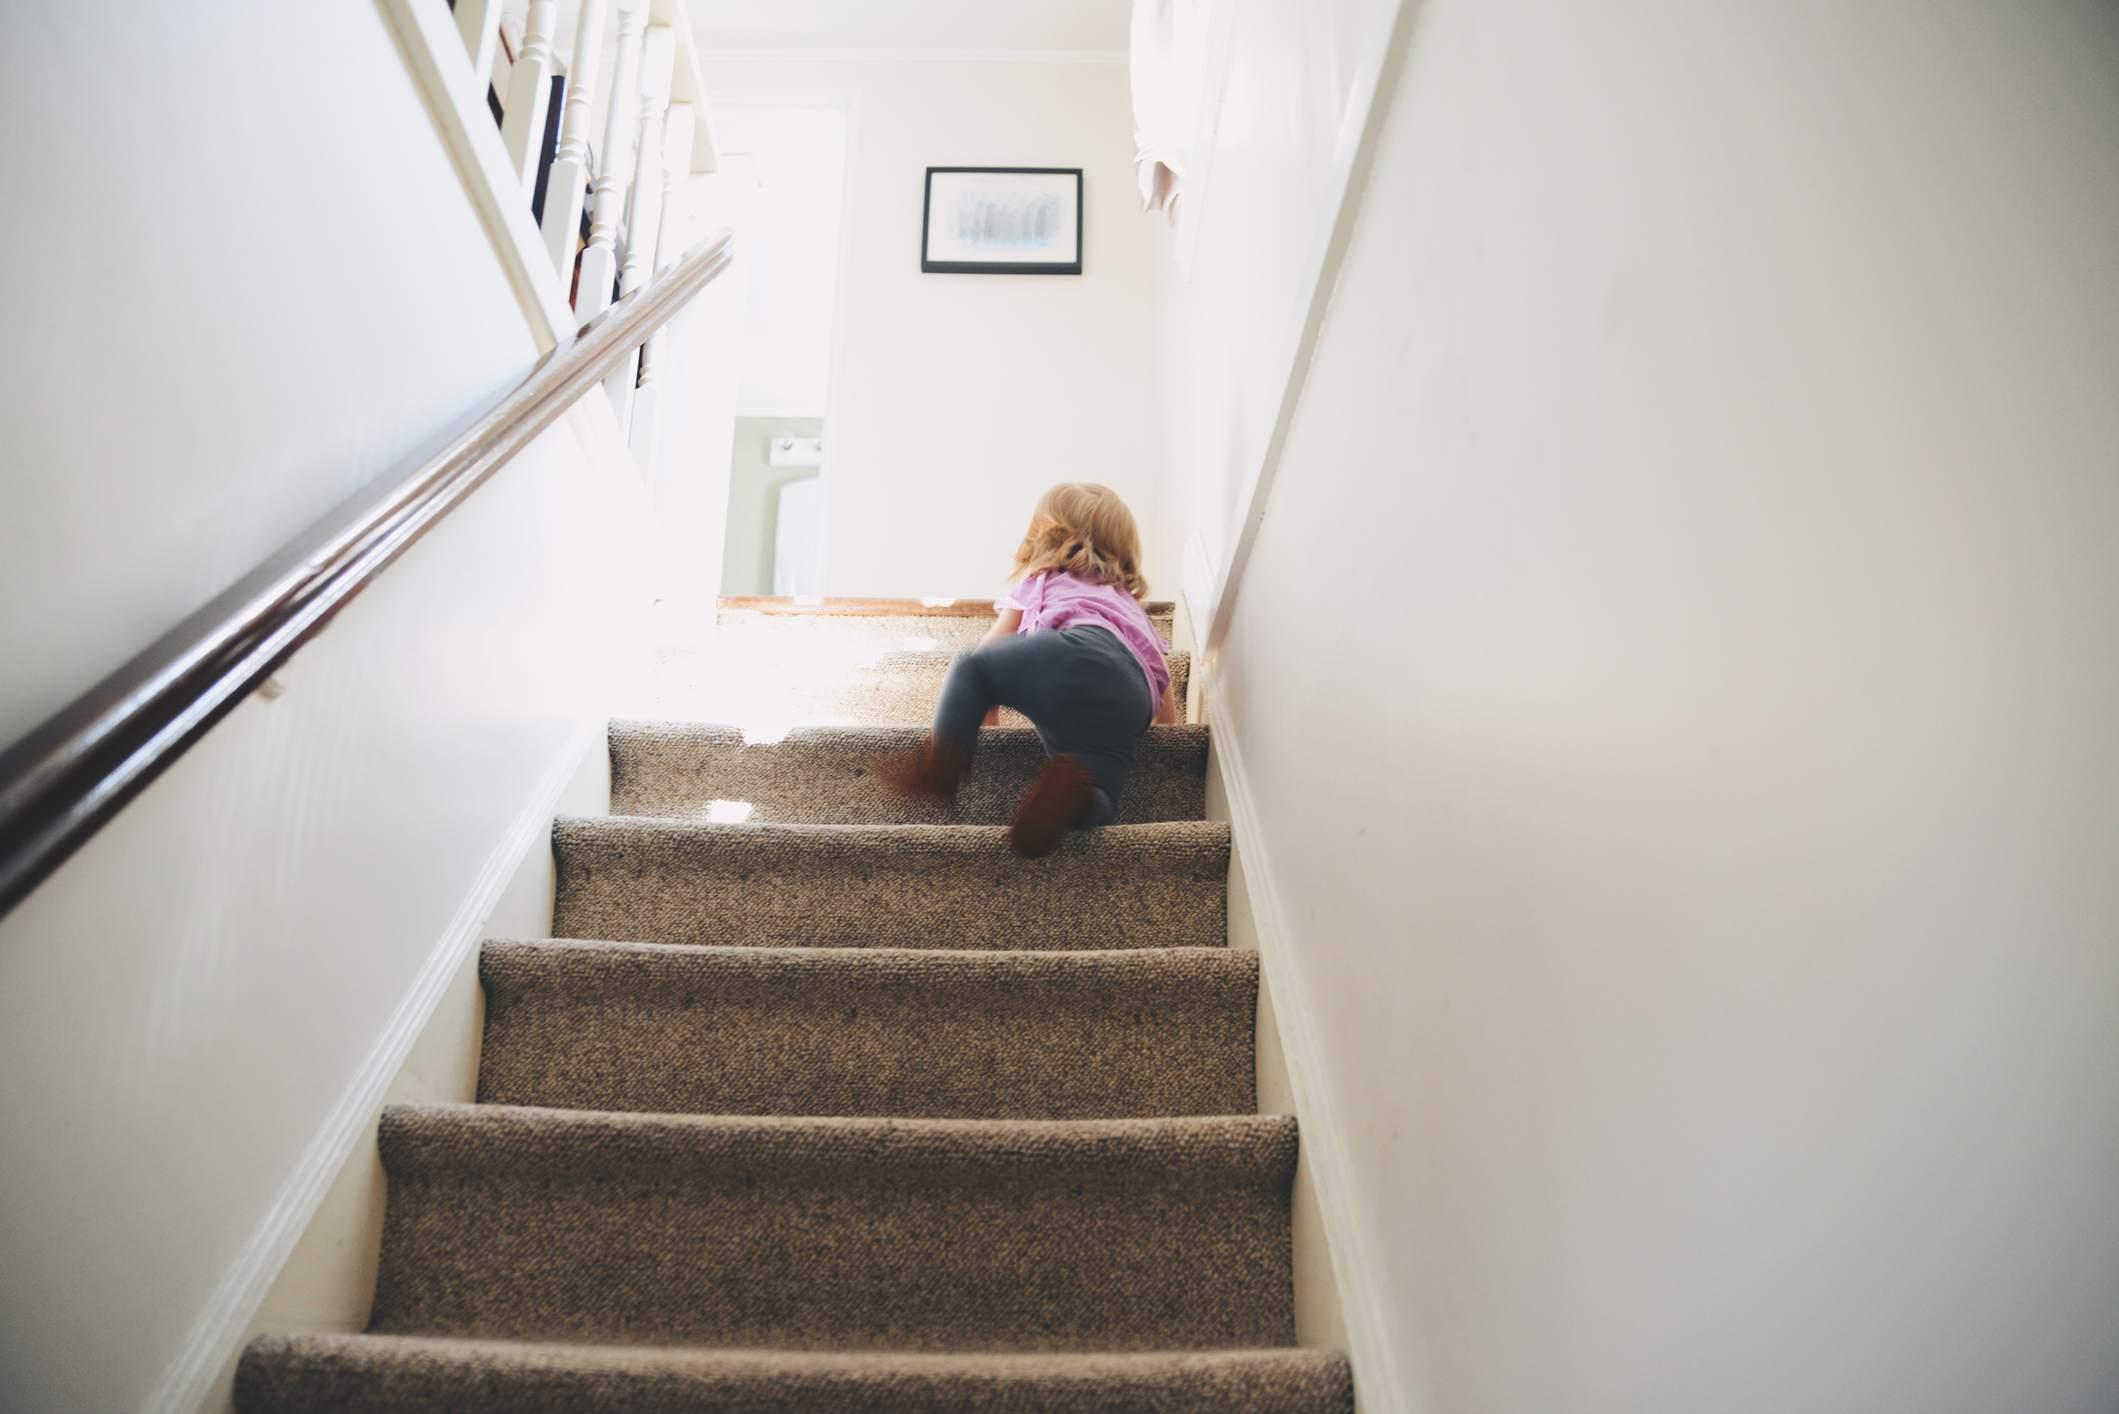 Toddler climbing stairs.